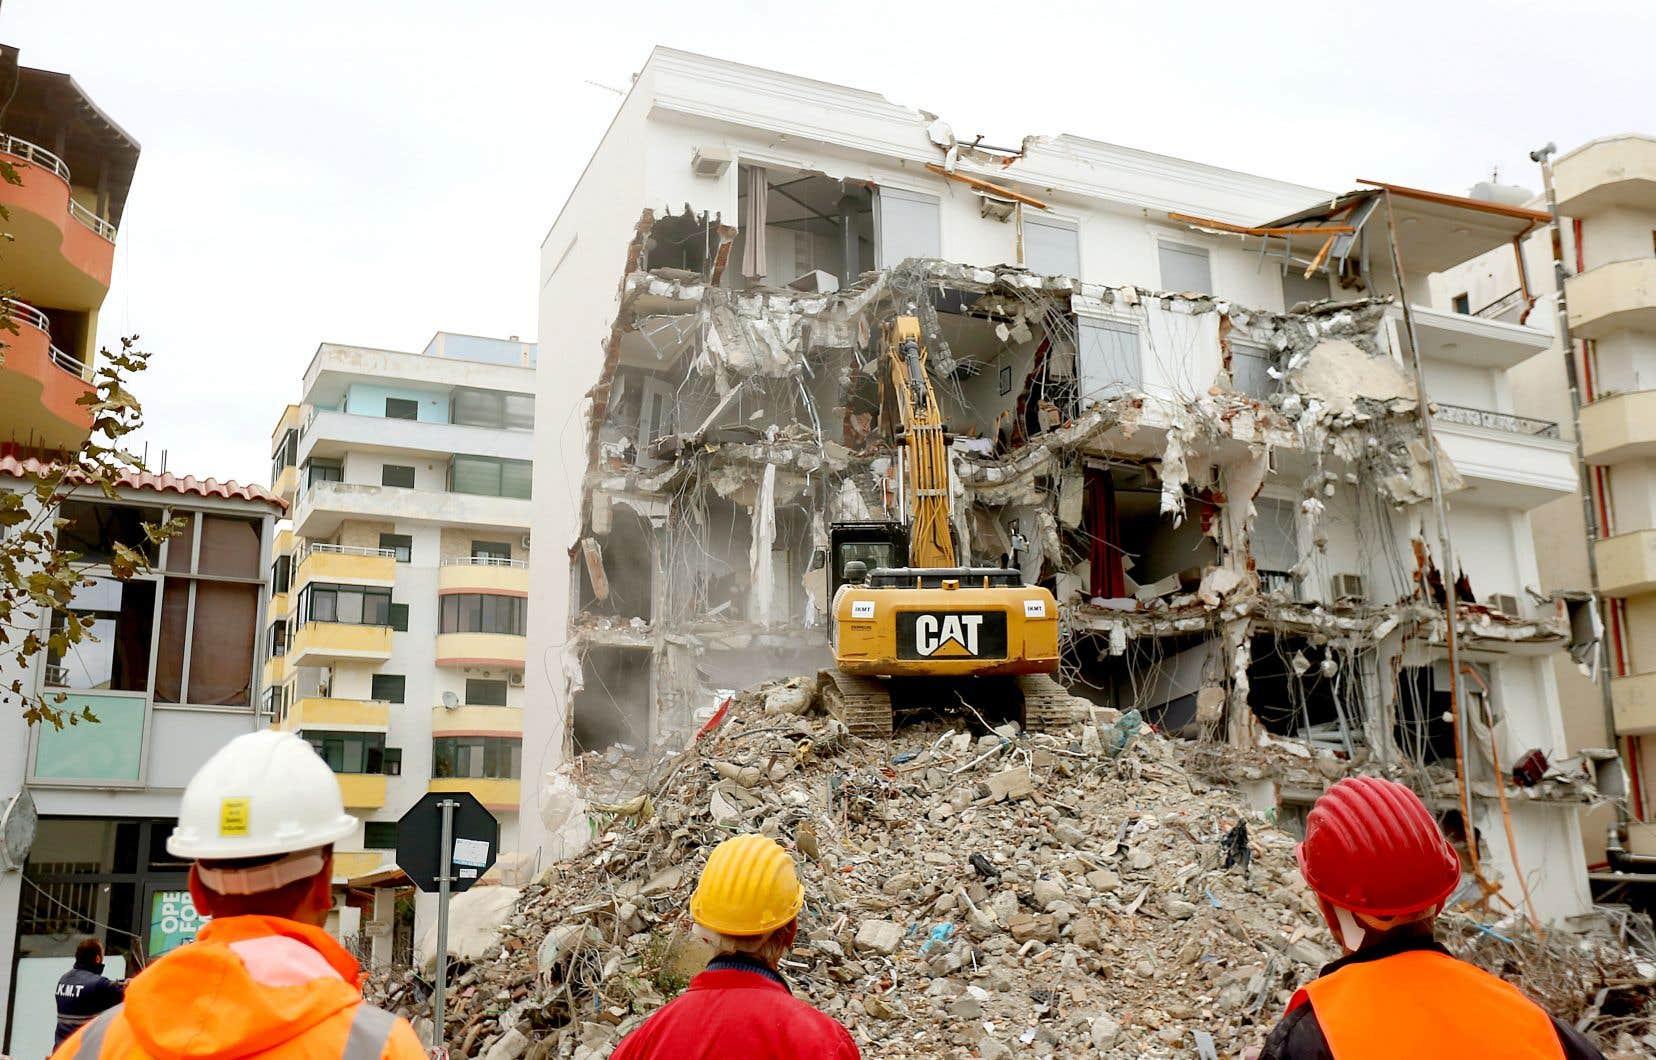 Des pelles mécaniques avaient été utilisées par les secouristes dans leurs recherches de victimes du tremblement de terre, survenu le 26 novembre dernier.